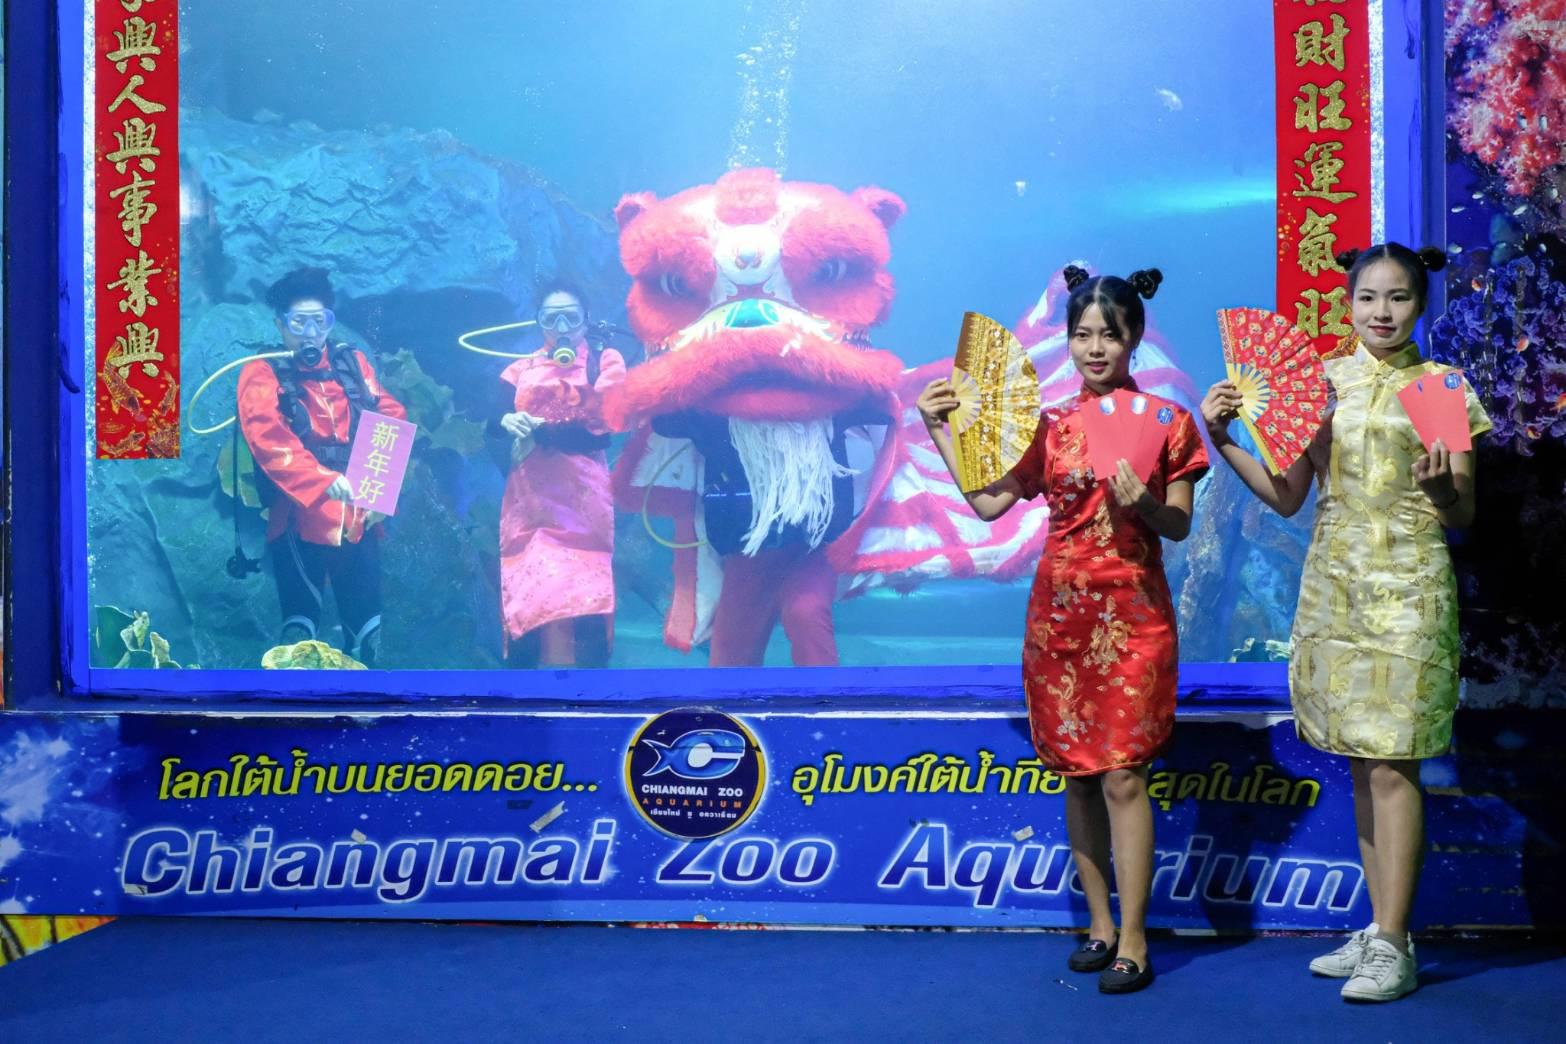 สุดเก๋! เชียงใหม่ซูอควาเรียมจัดเชิดสิงโตใต้น้ำทะเลบนยอดดอย โชว์ฉลองตรุษจีนตลอดช่วงเทศกาล